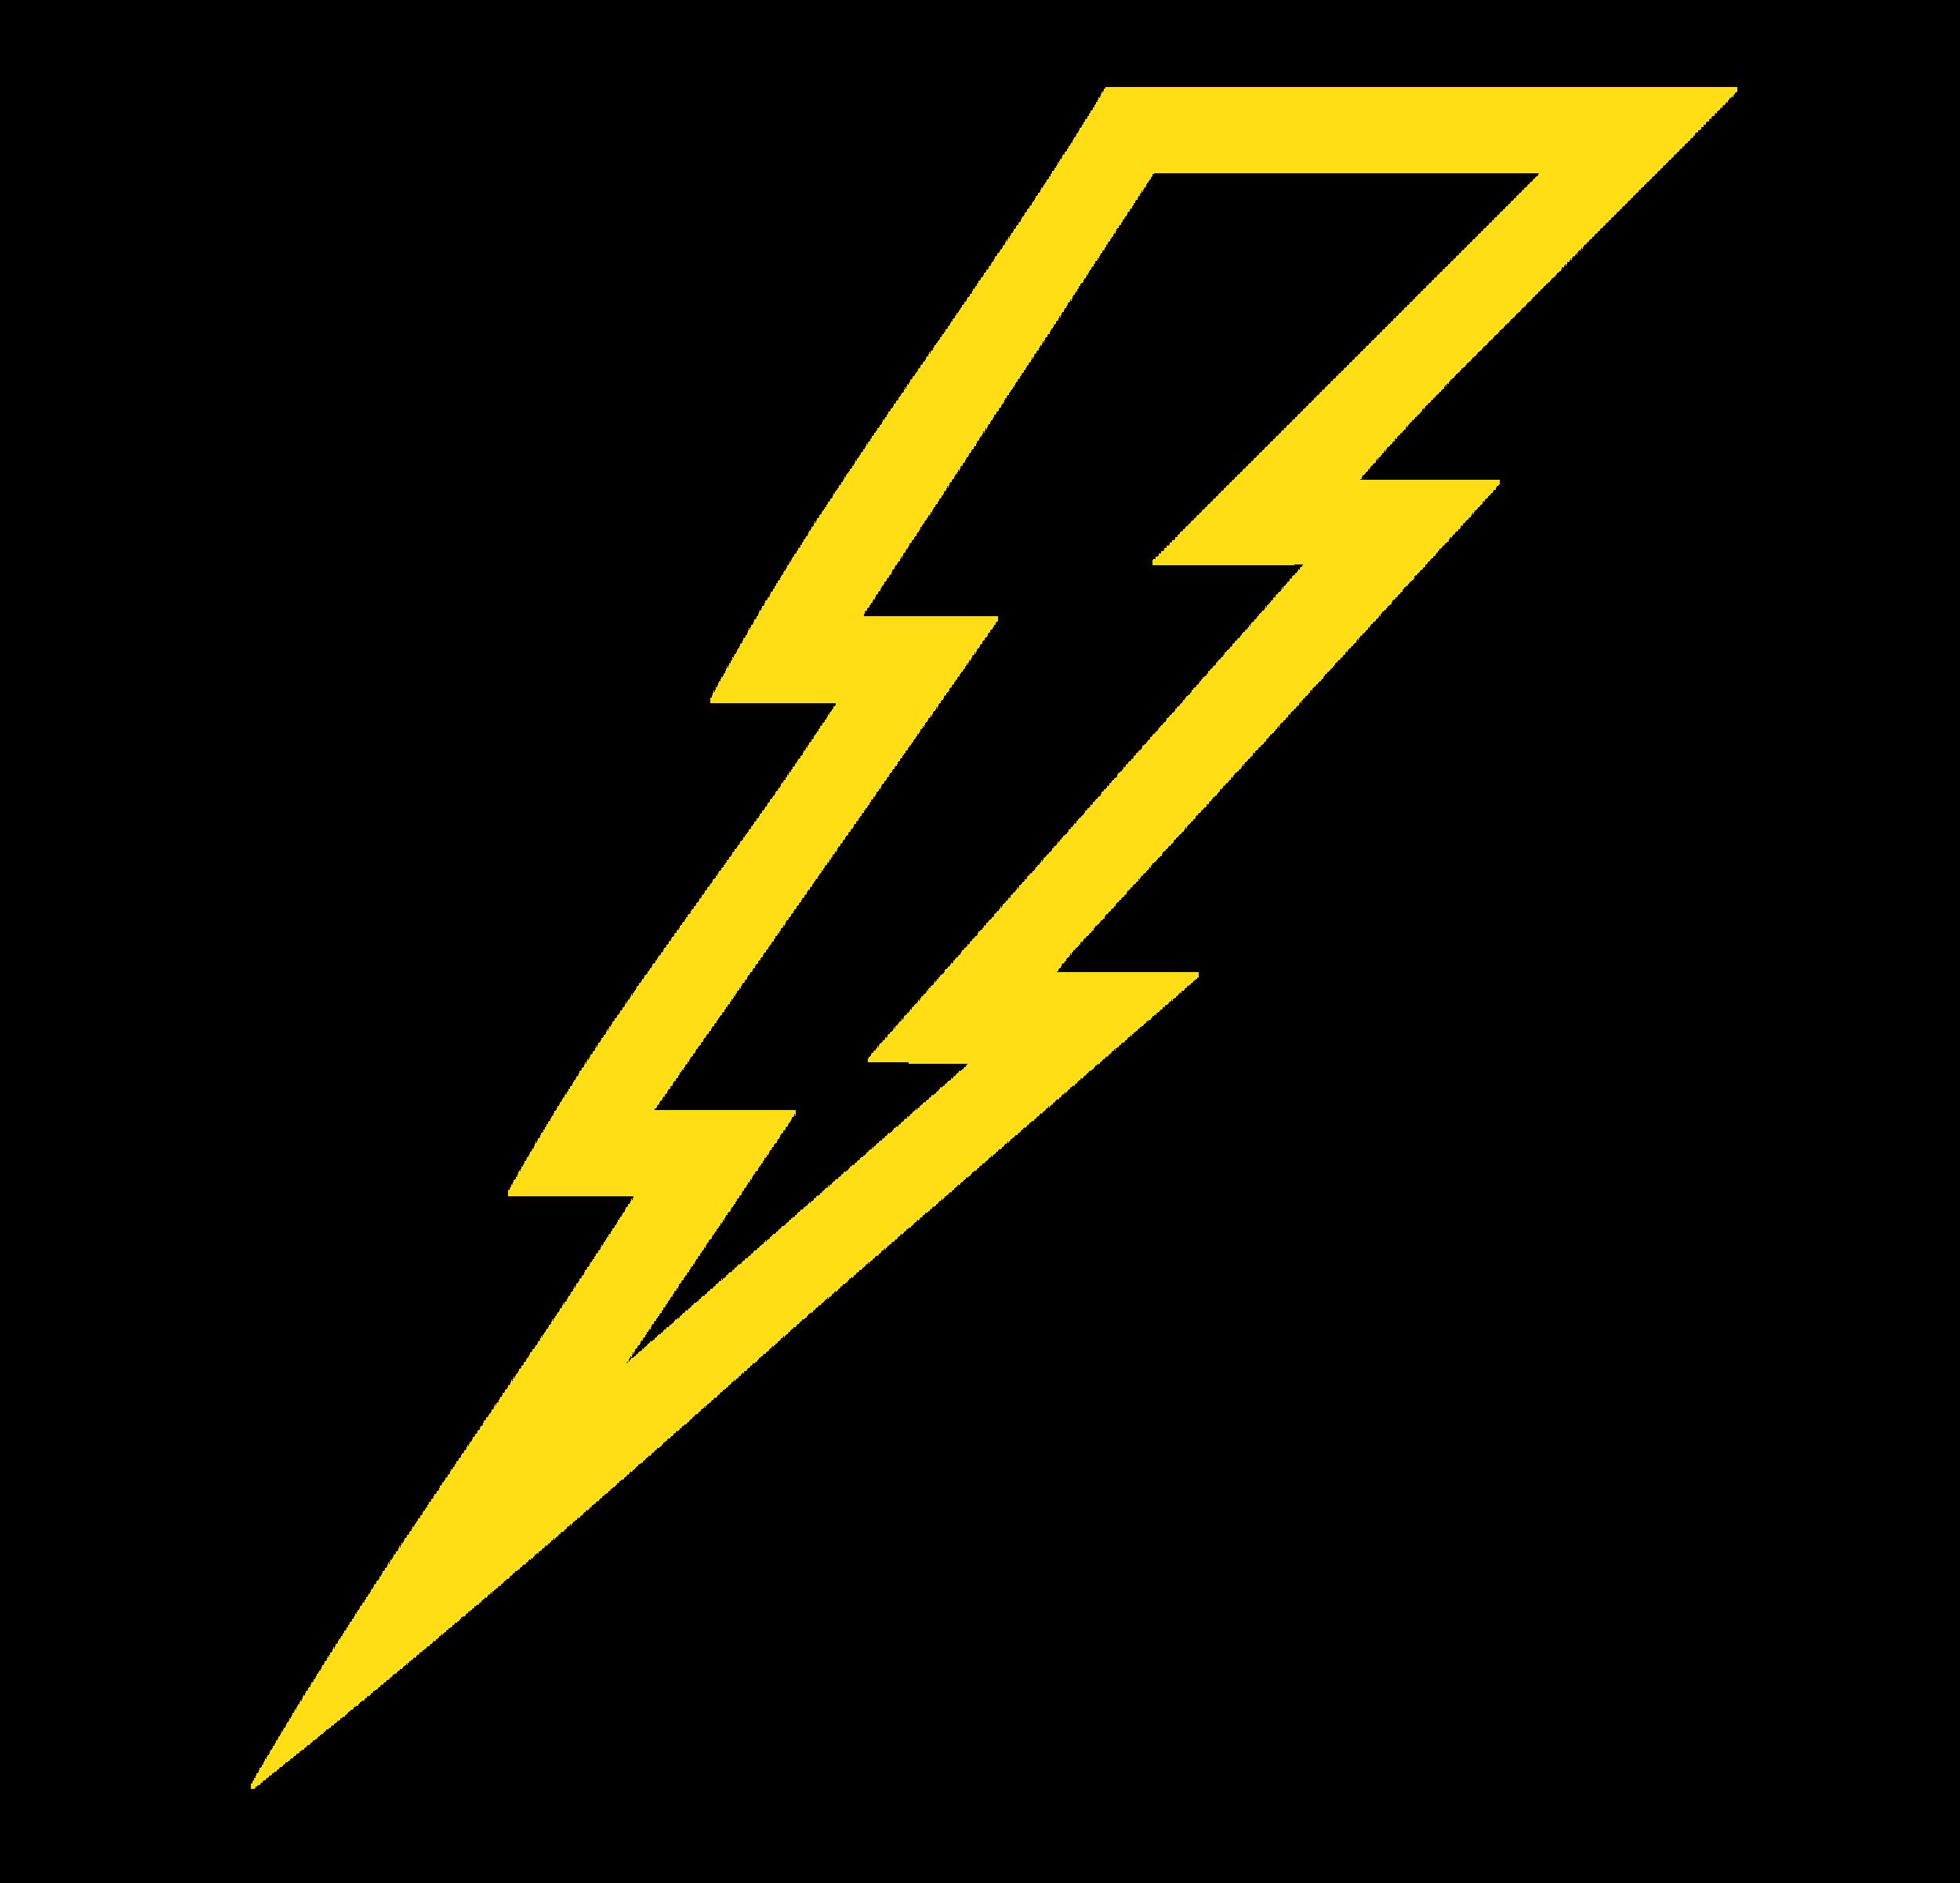 Flash clipart lightning bolt 4 Lightning bolt bolt 7